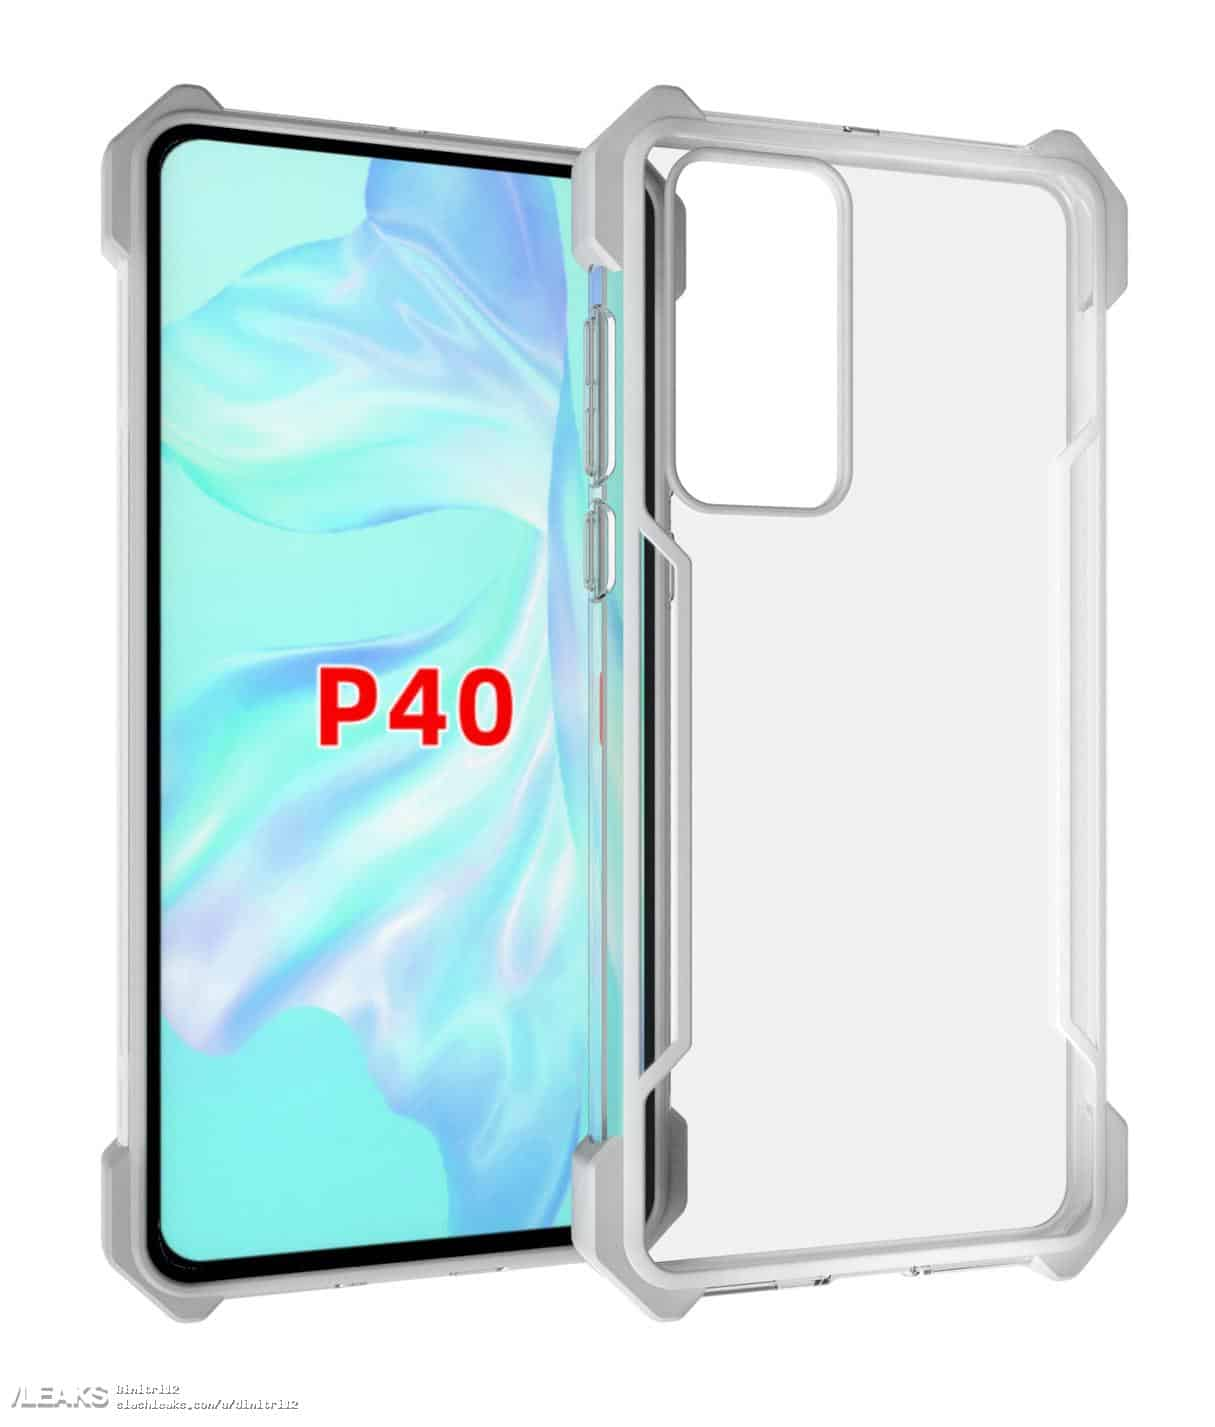 Huawei P40 Series Case Renders Leaked Online